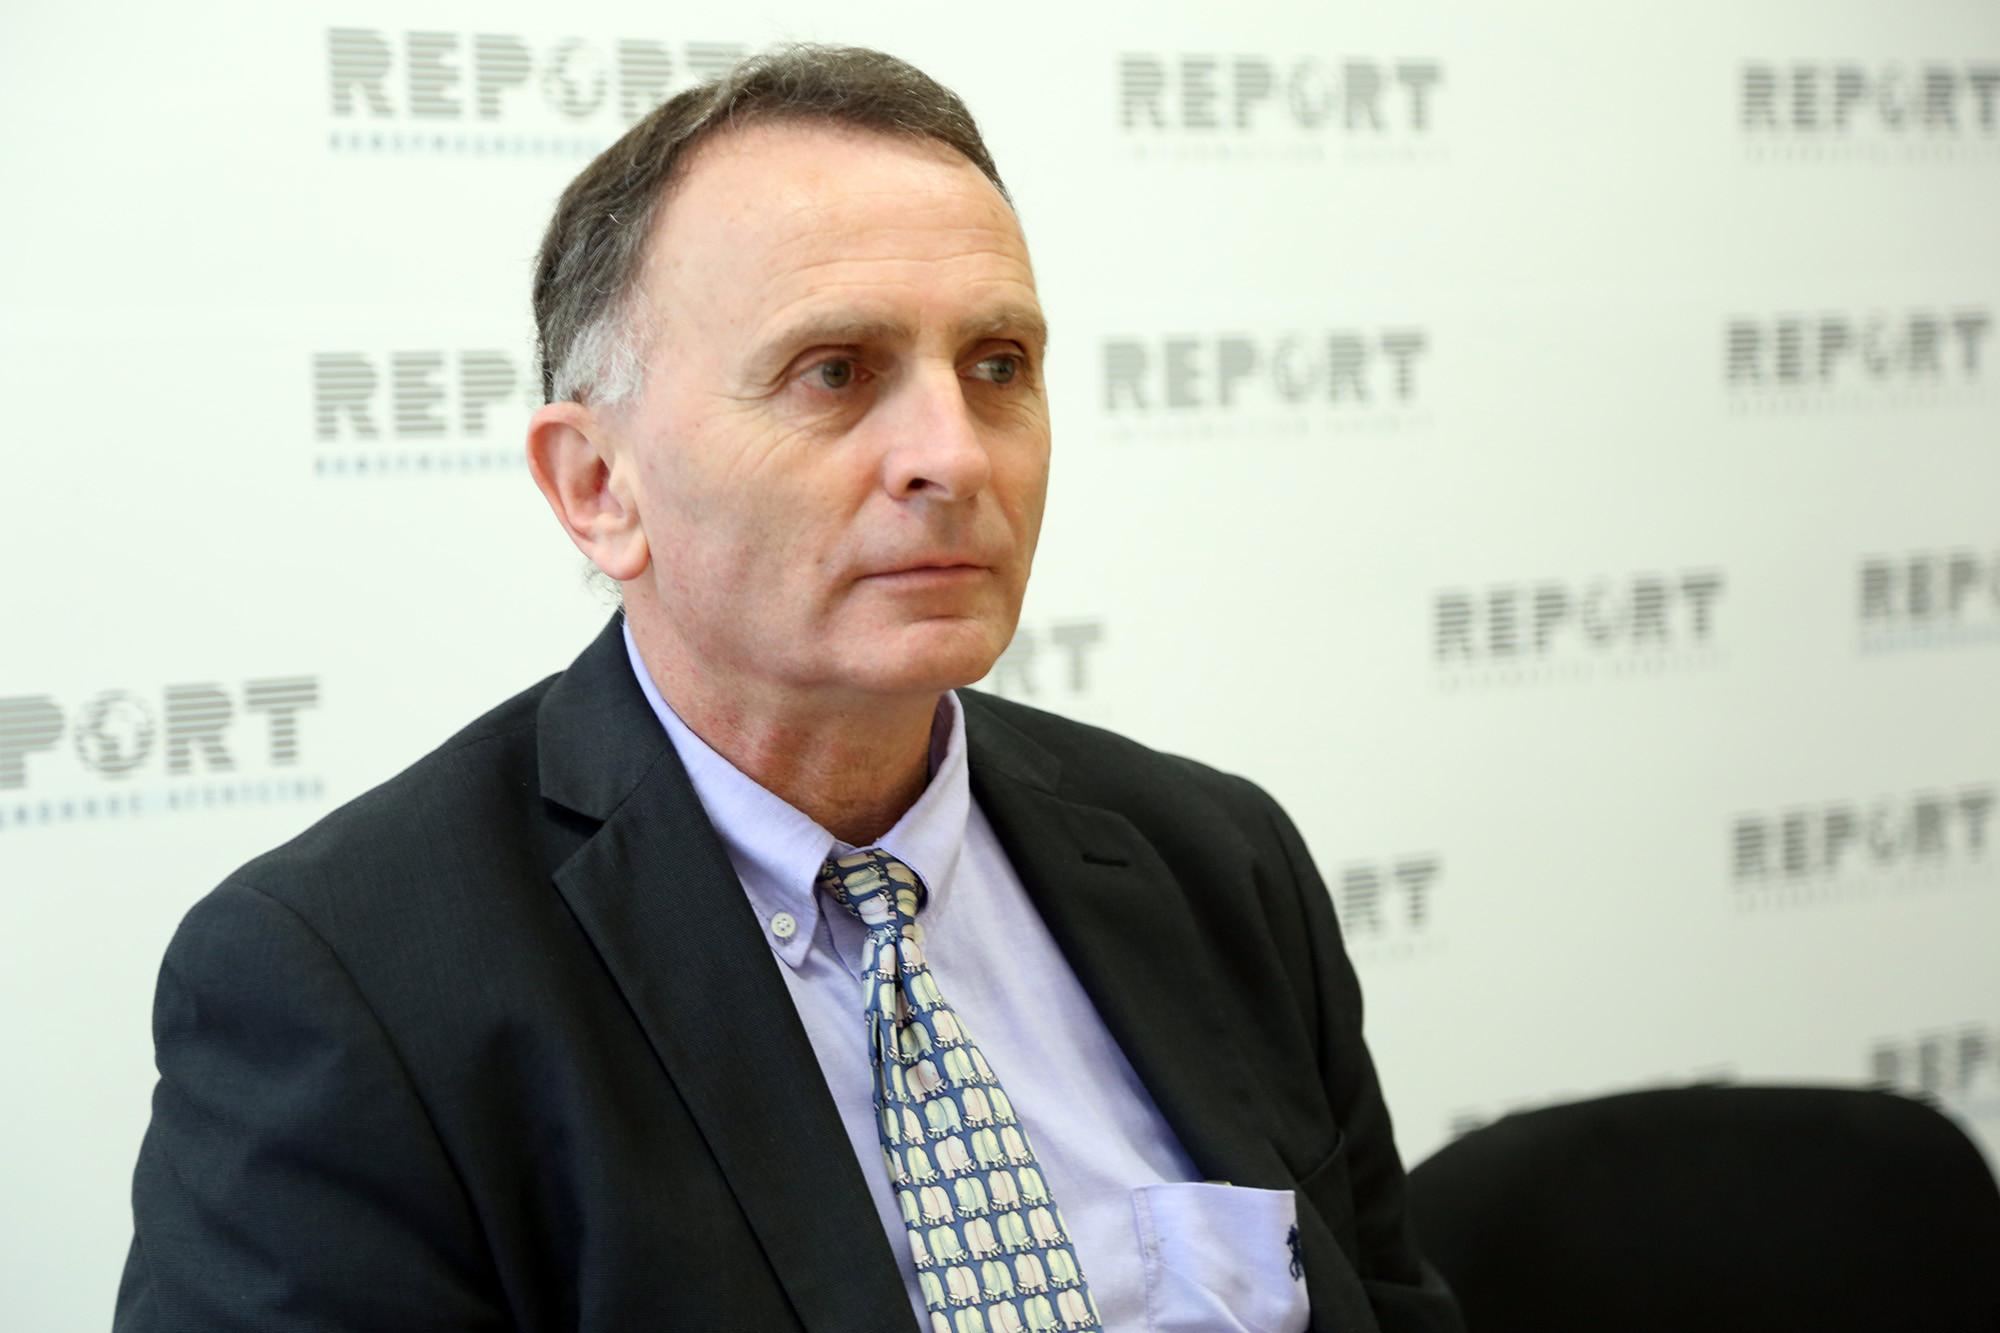 Israelian Ambassador Dan Stav talked about Lapshin